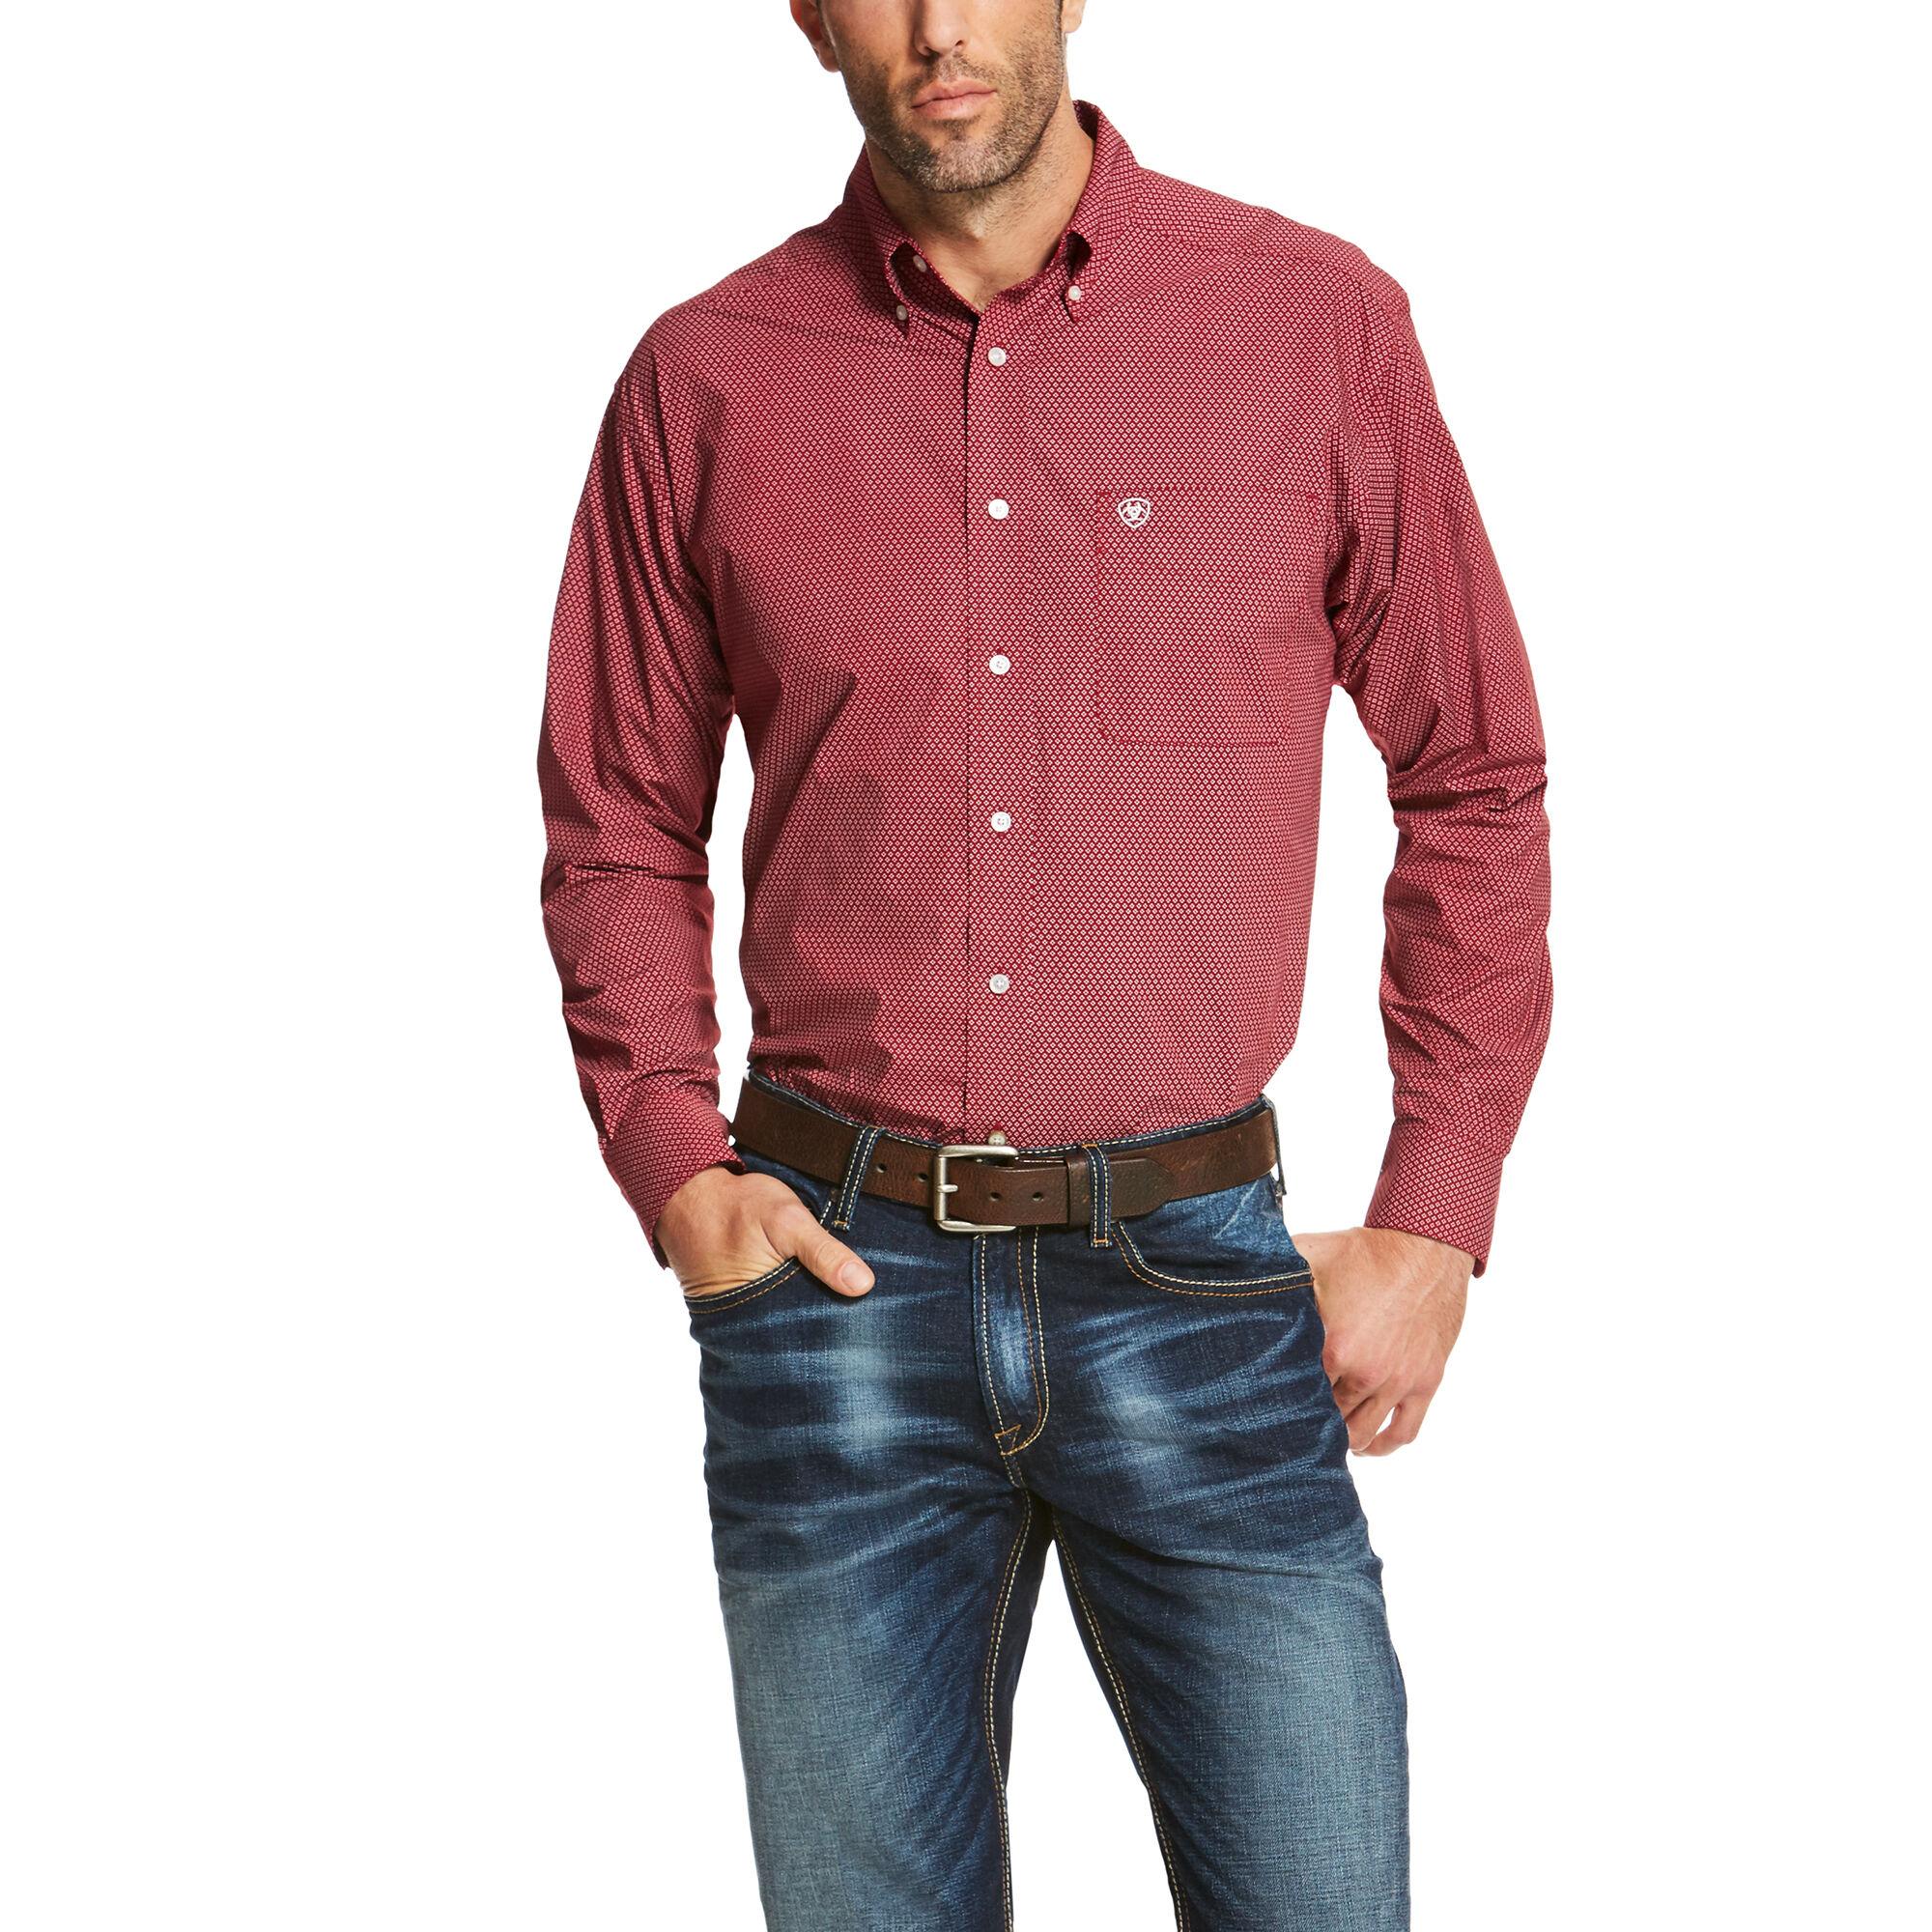 Shafter Shirt